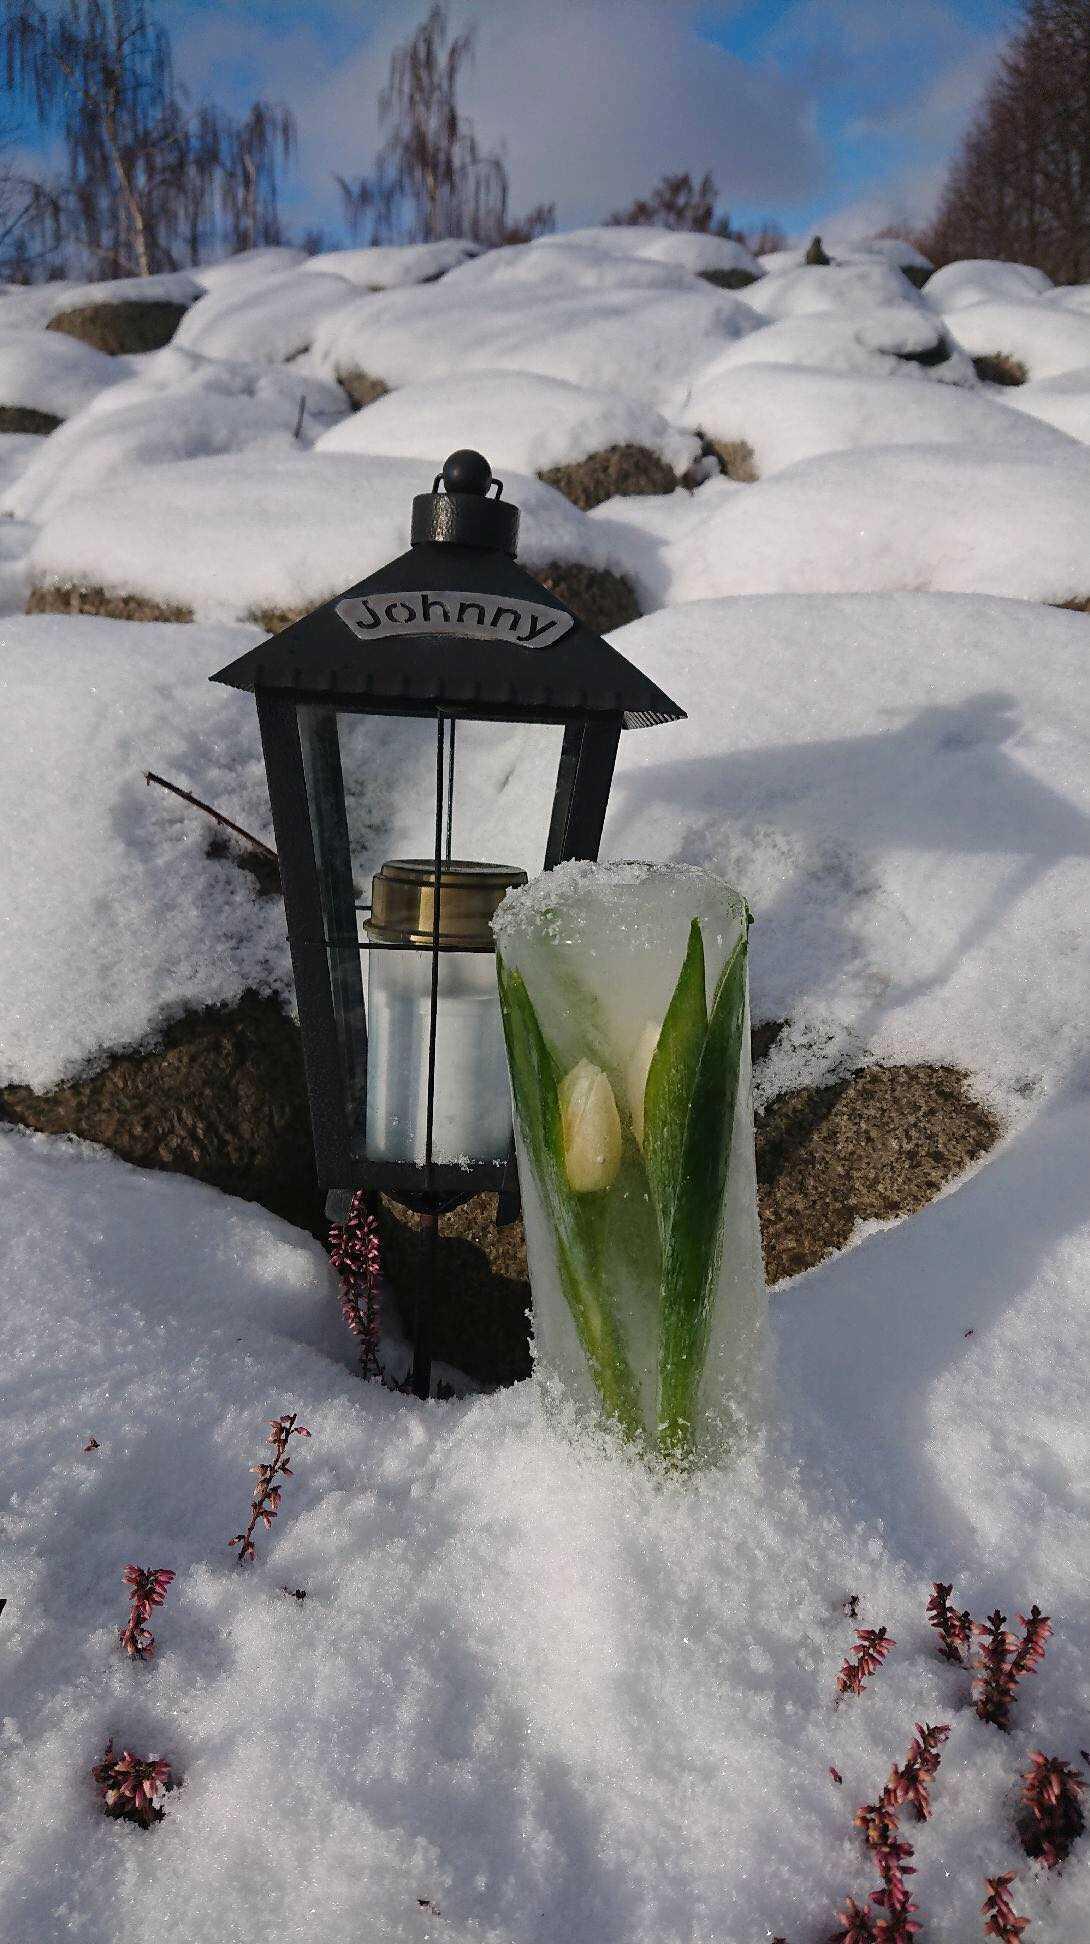 Fiffiga blomknepet till graven.